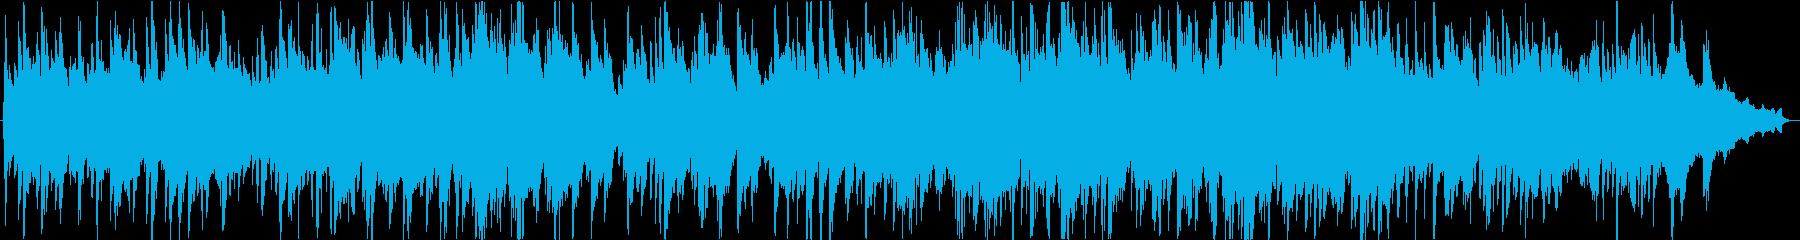 癒しピアノ・ソロ。3分弱の温かいバラードの再生済みの波形